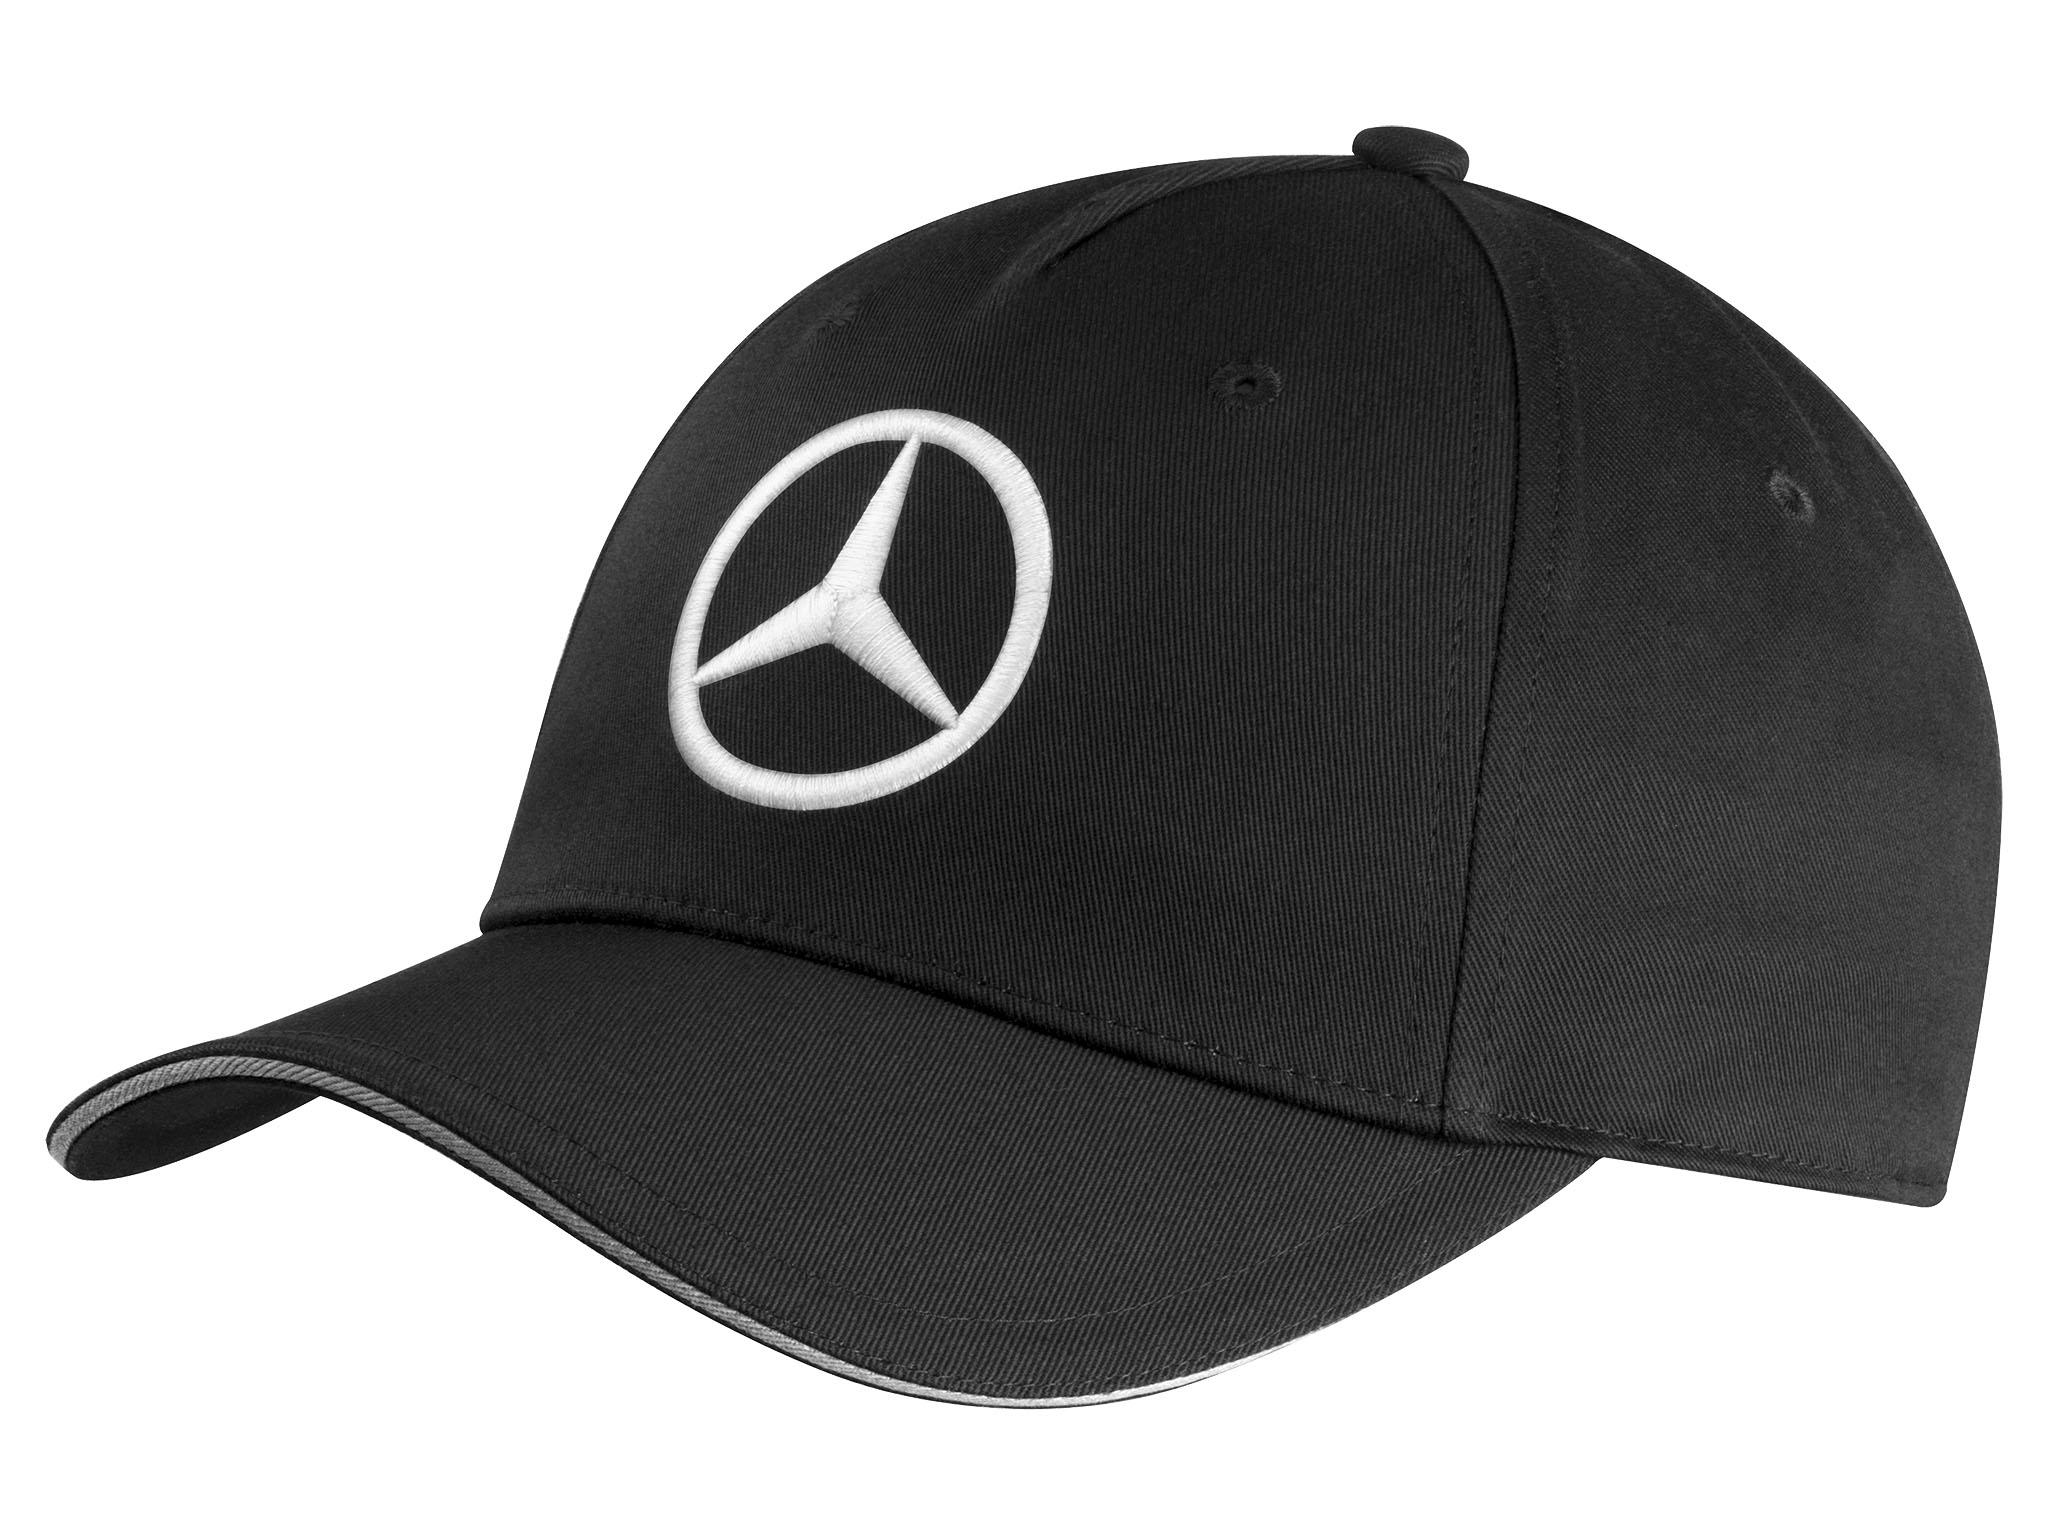 Baseballcap f1 team heren mercedes benz official for Mercedes benz baseball caps